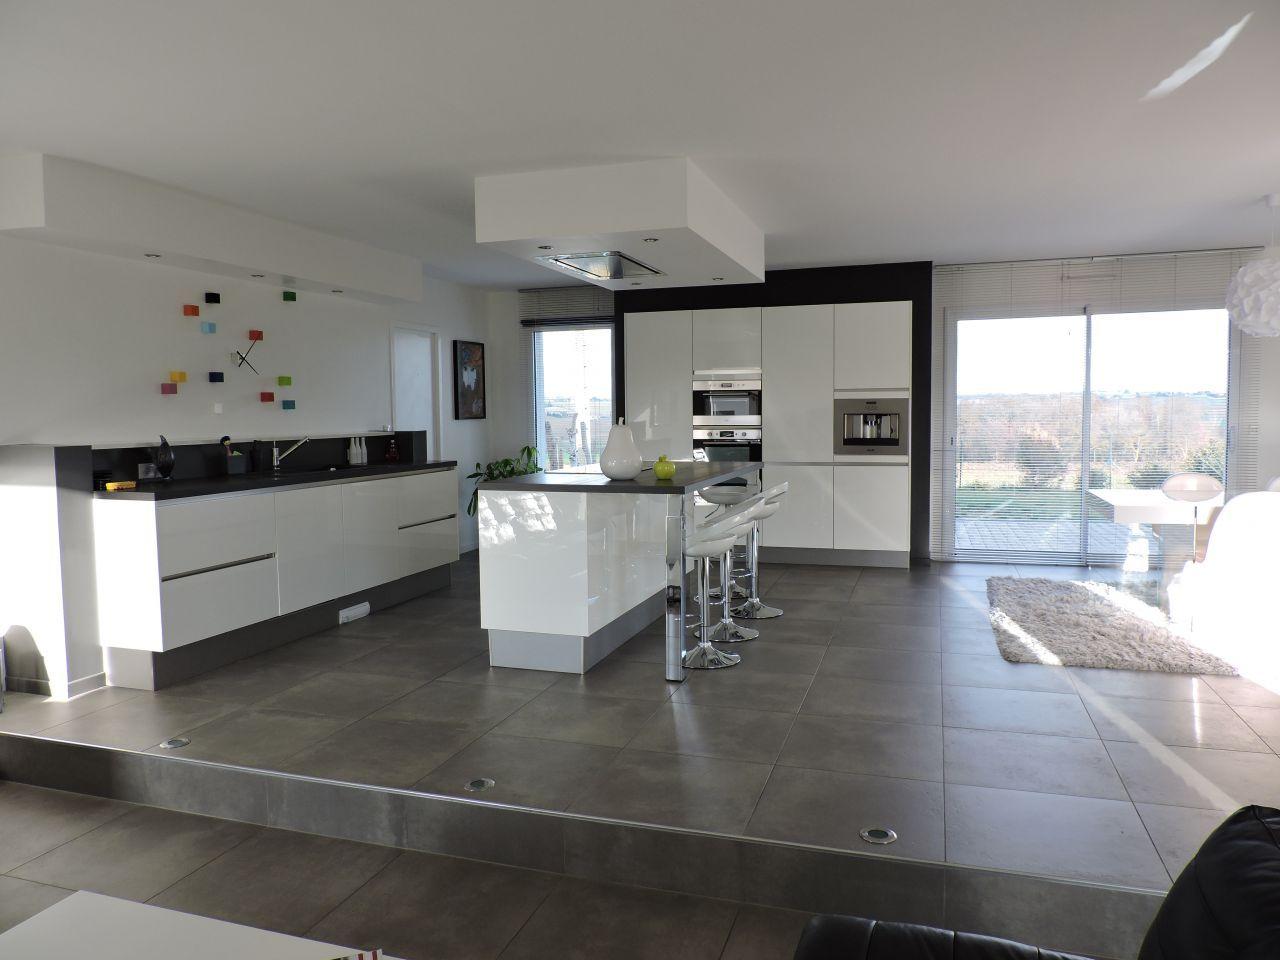 maison plain pied du cot de toulouse par sjjv sur cuisines pinterest. Black Bedroom Furniture Sets. Home Design Ideas